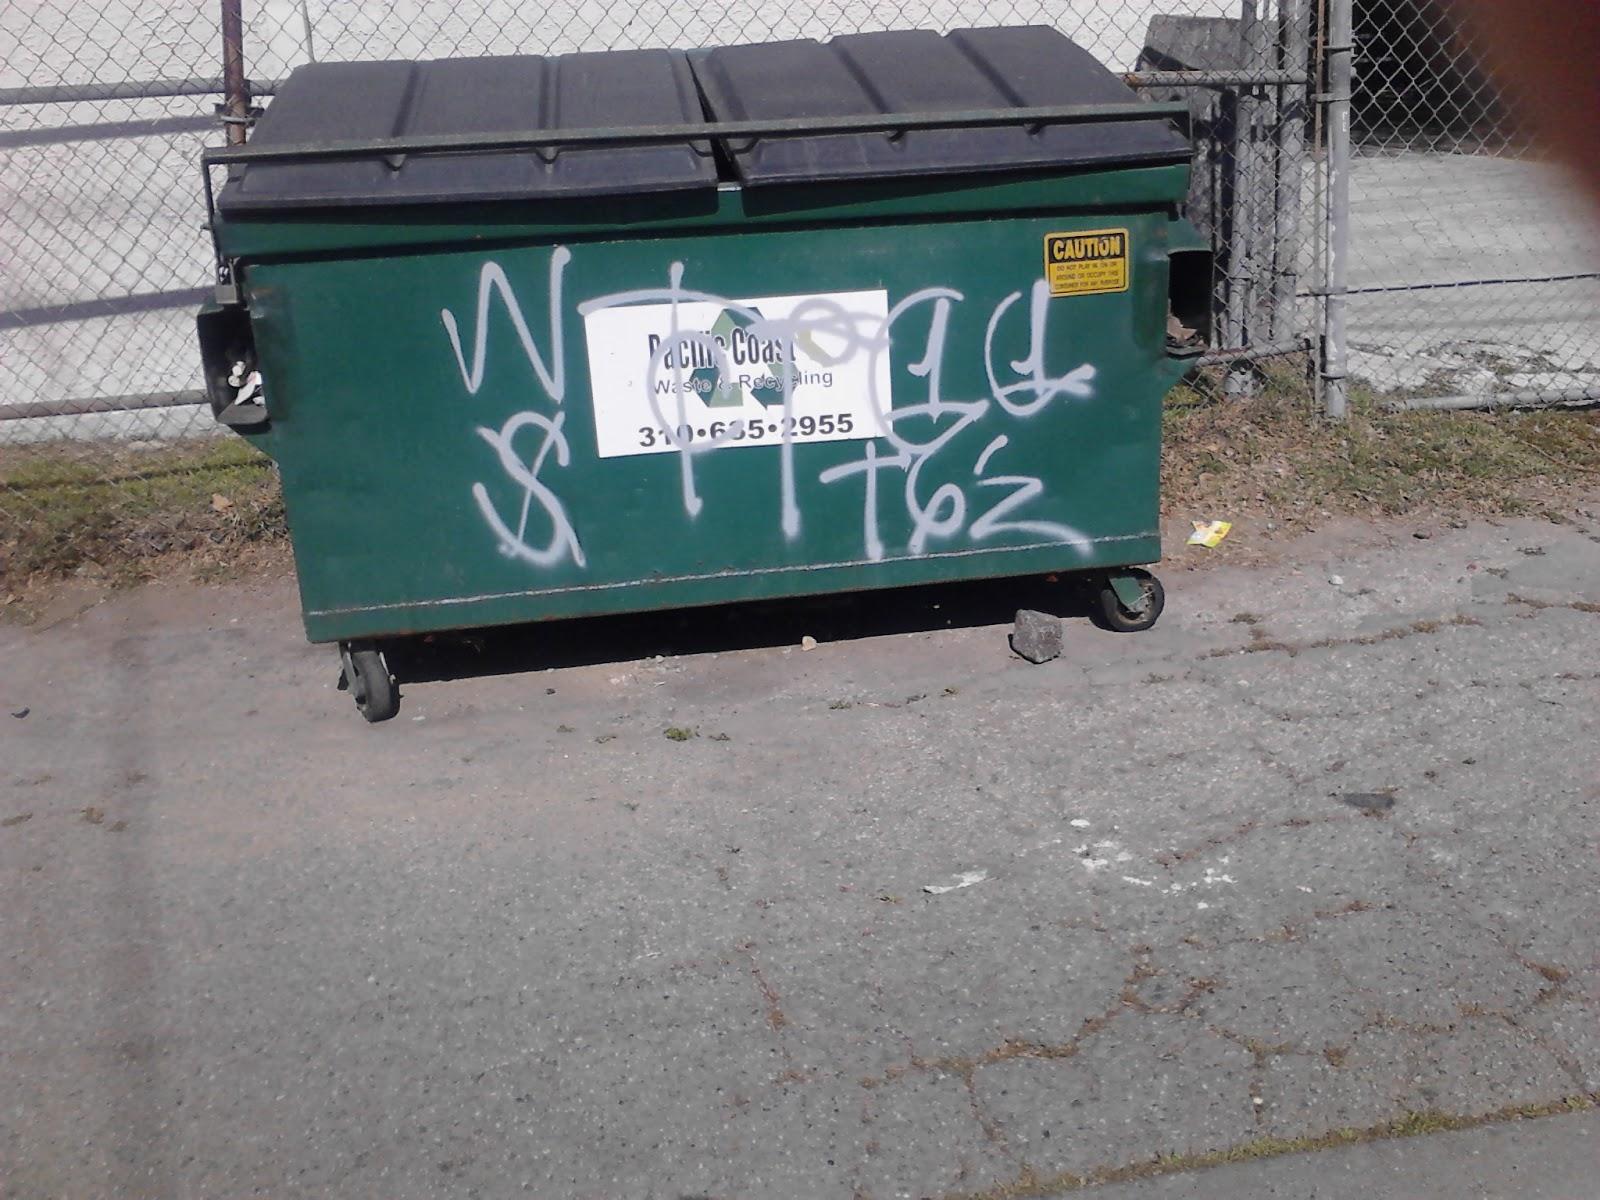 Compton Crip Graffiti Tragniew Park Compton Crip